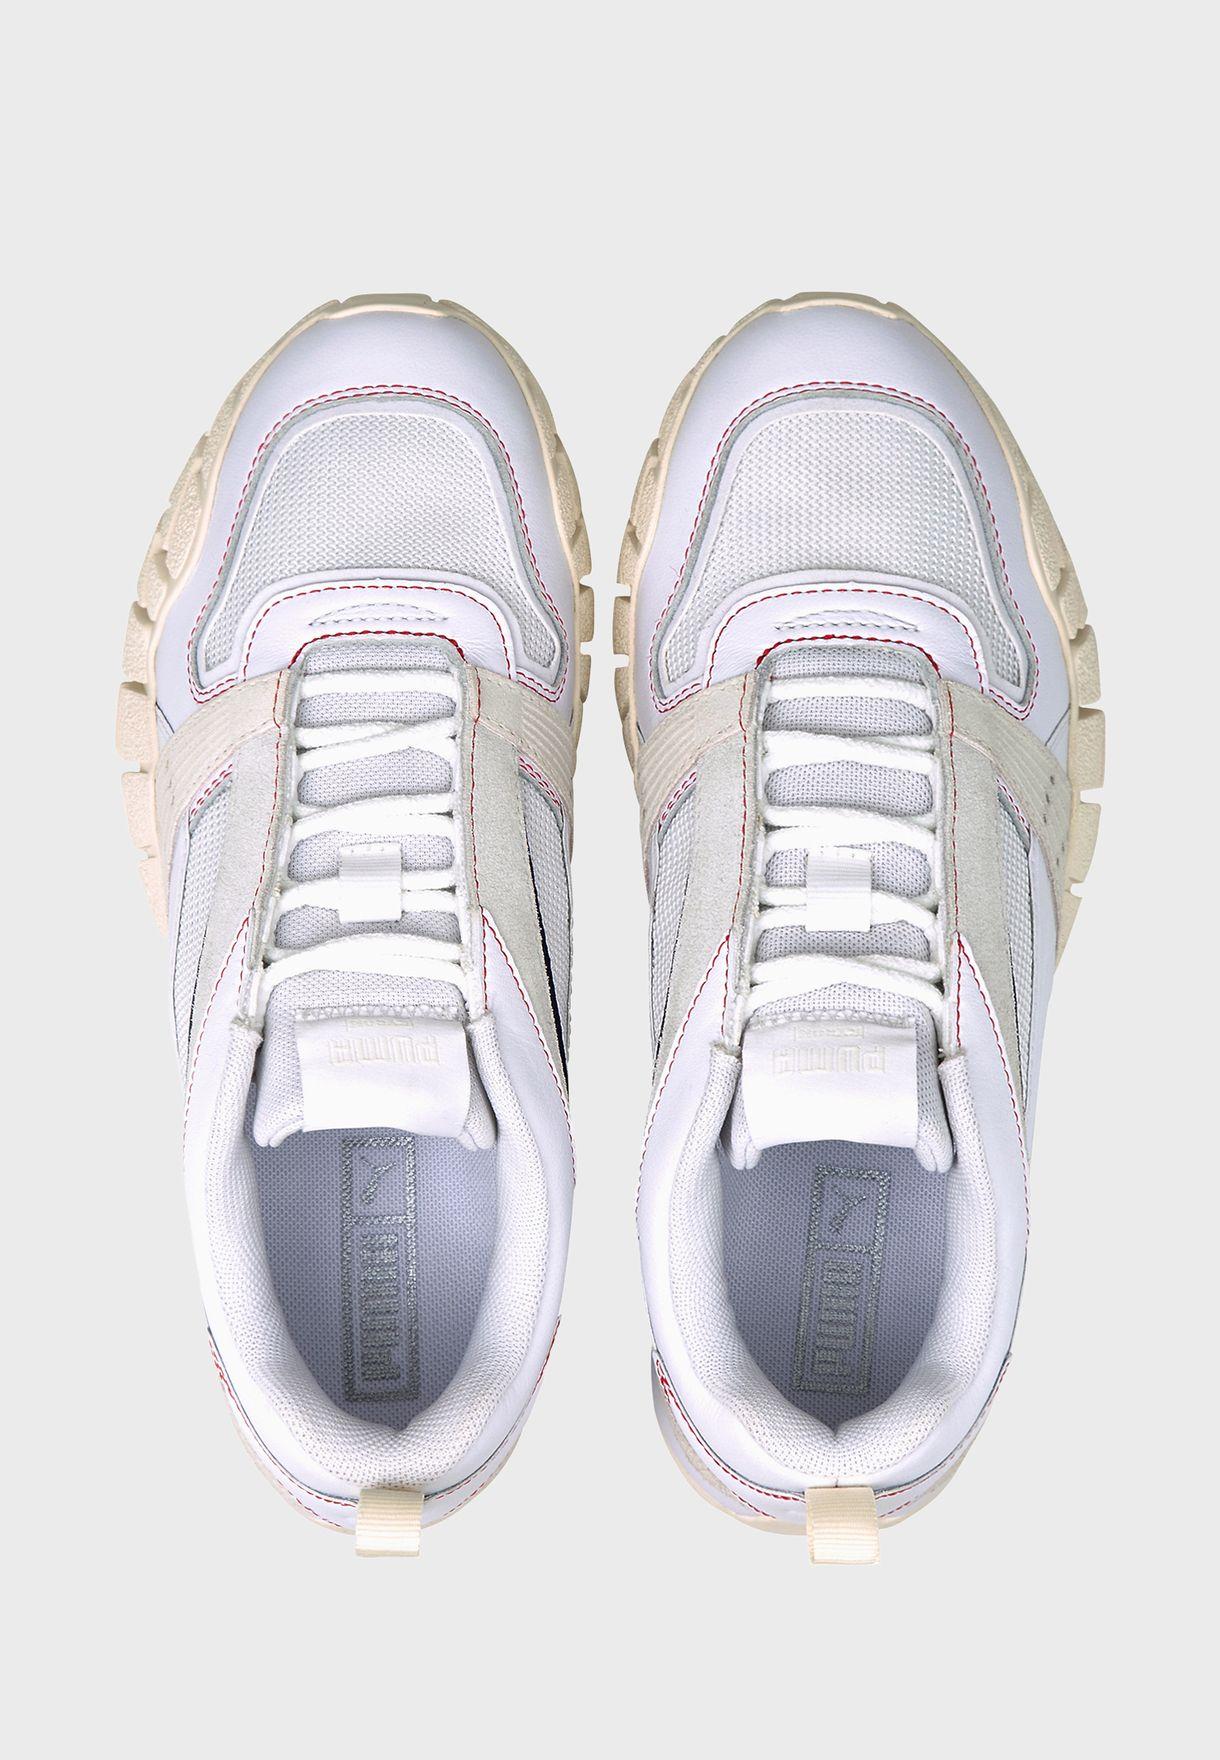 Kyron Fantasy women sneakers